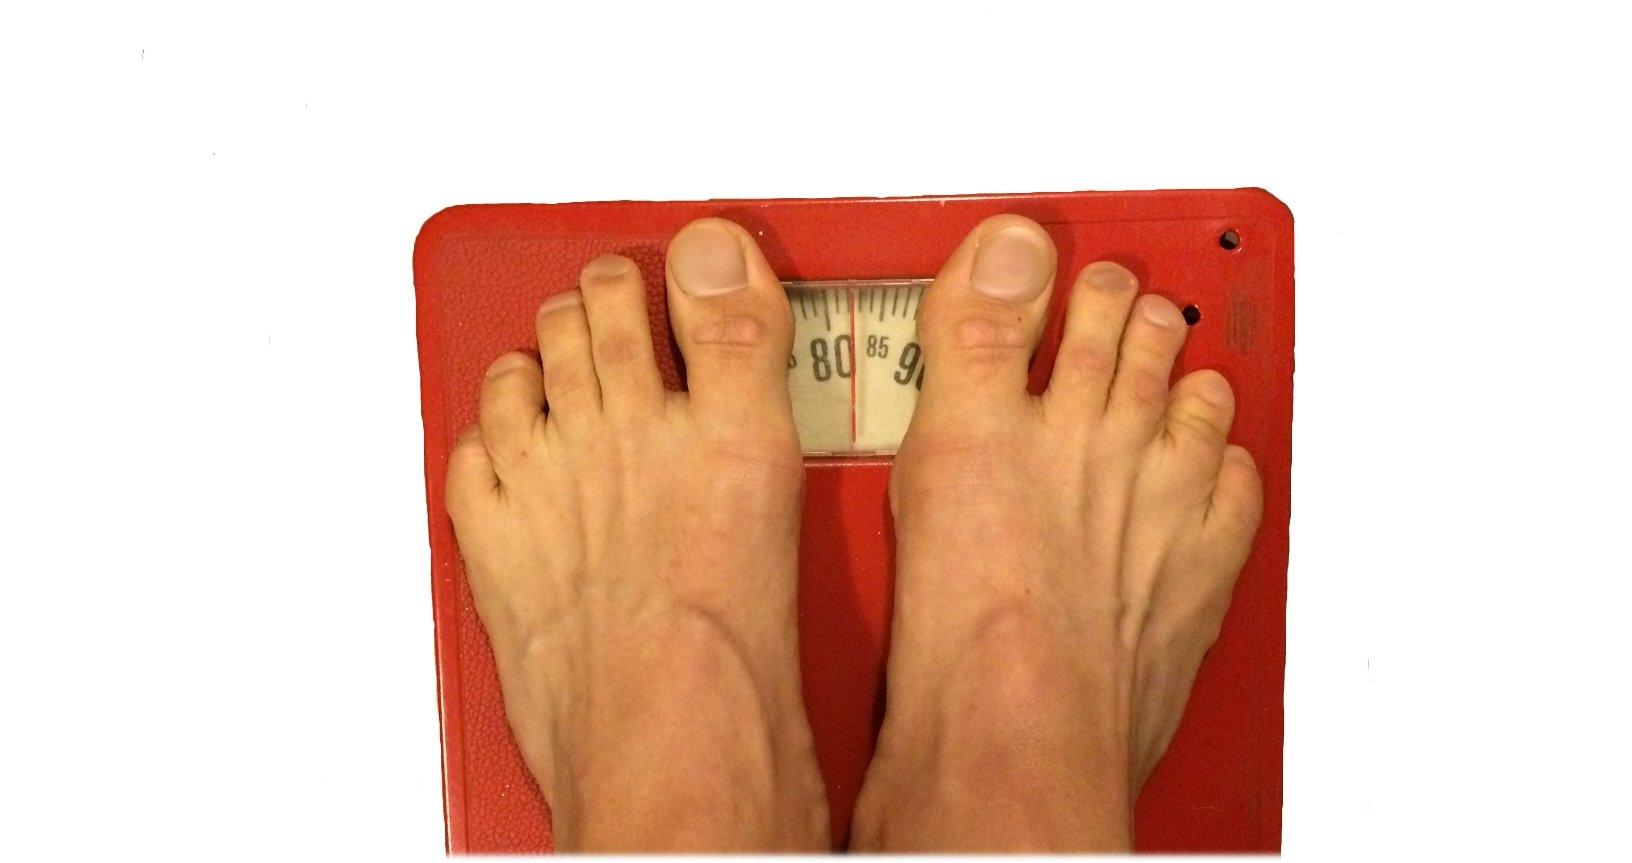 IMC calcul - Calculateur d'IMC - Indice de masse corporelle